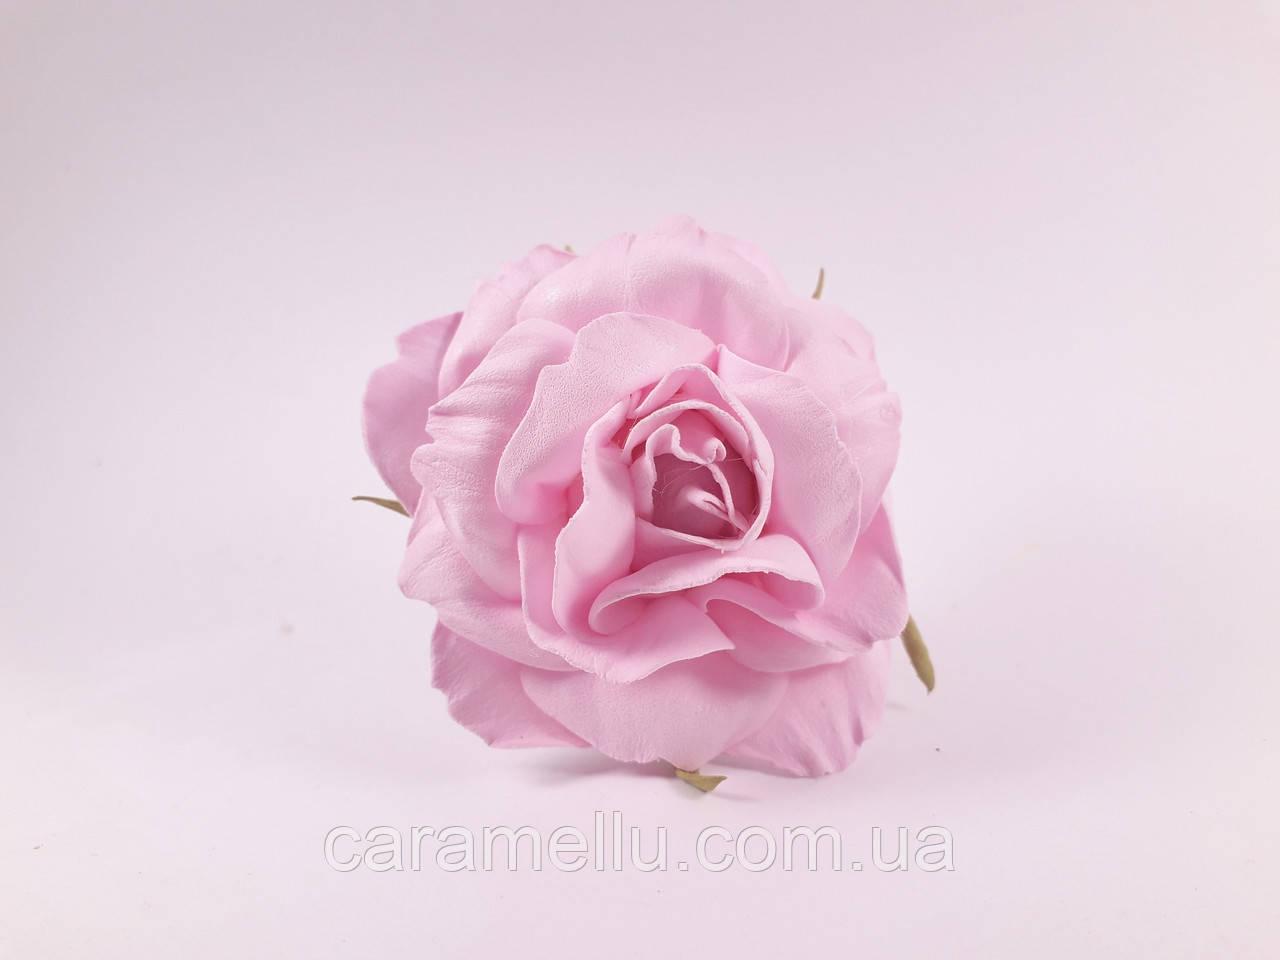 Роза искусственная из фоамирана(латекса). Цвет розовый.